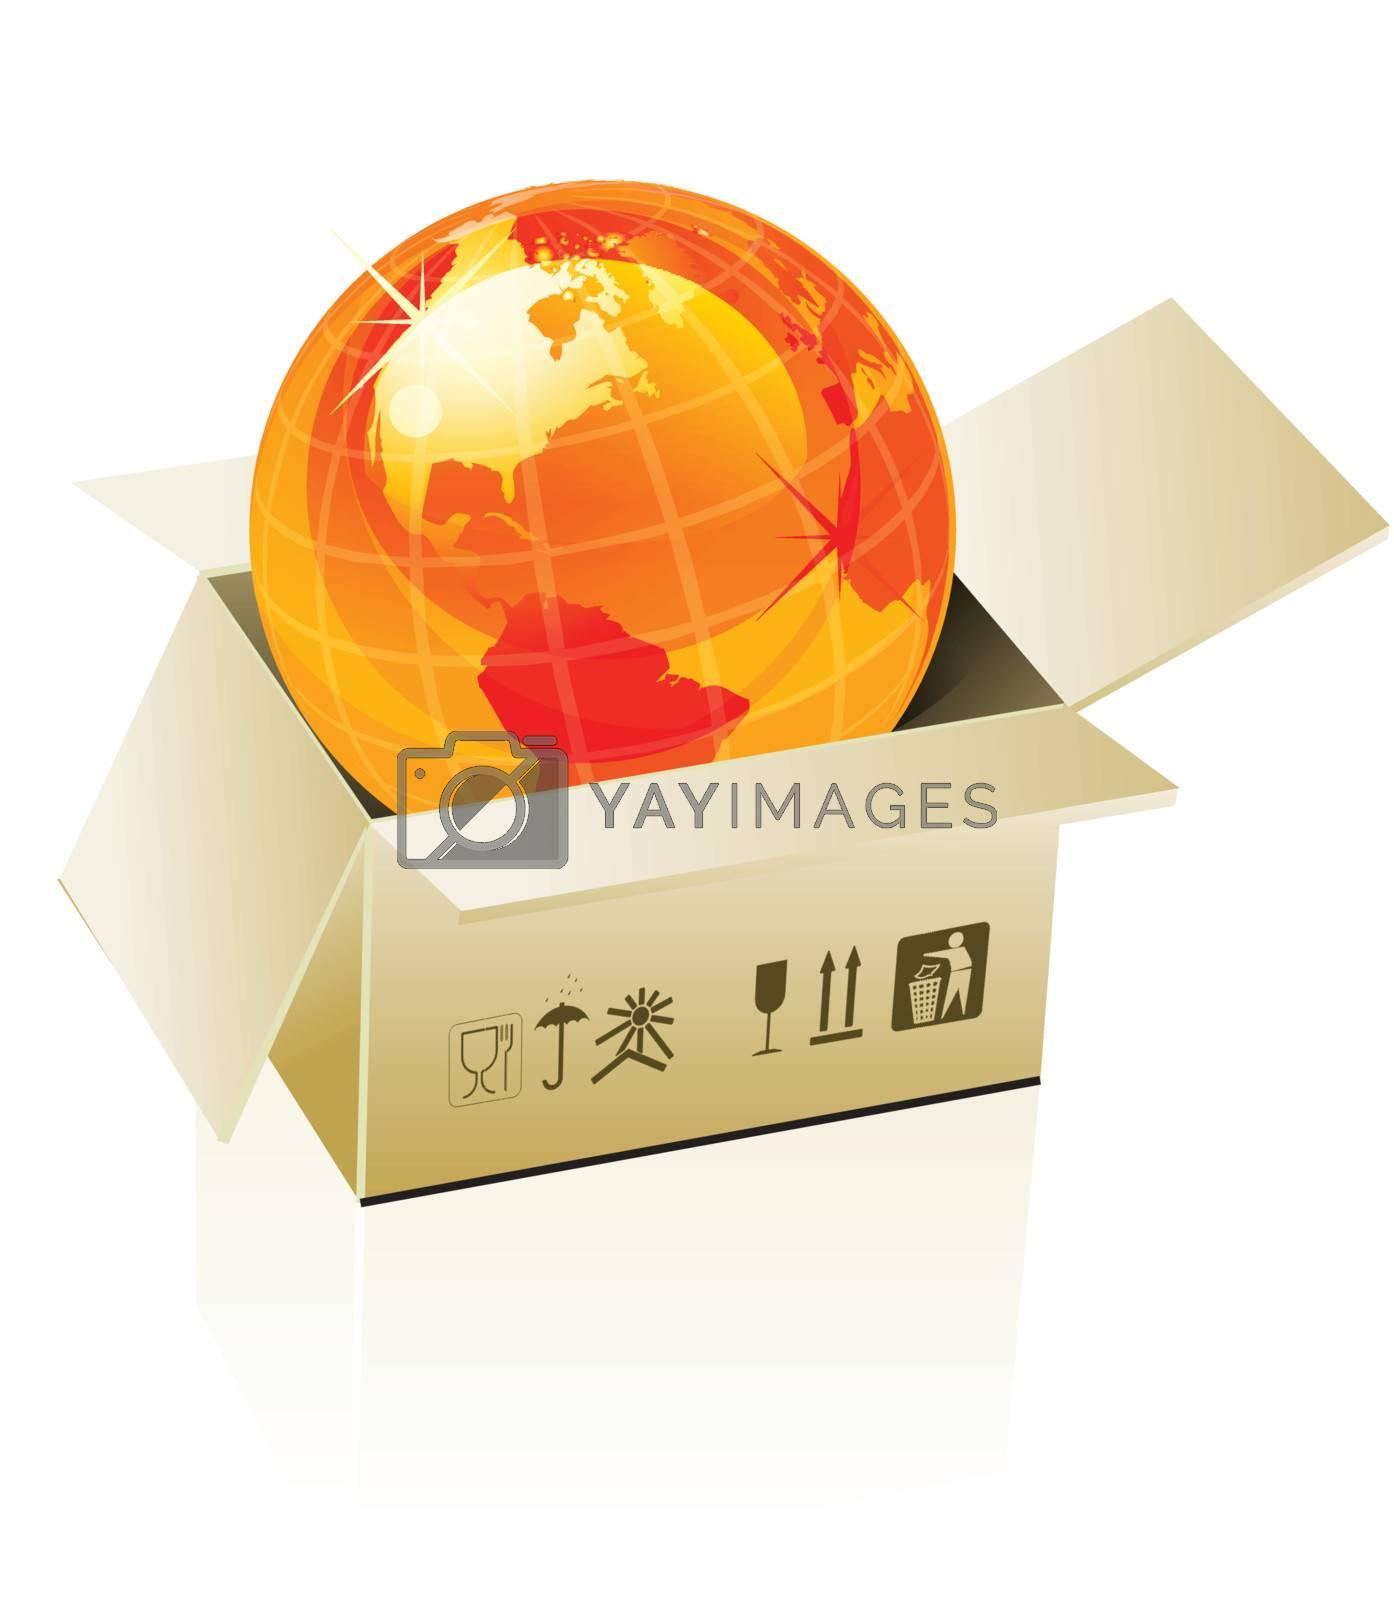 Earth globe in cardboard box on white background